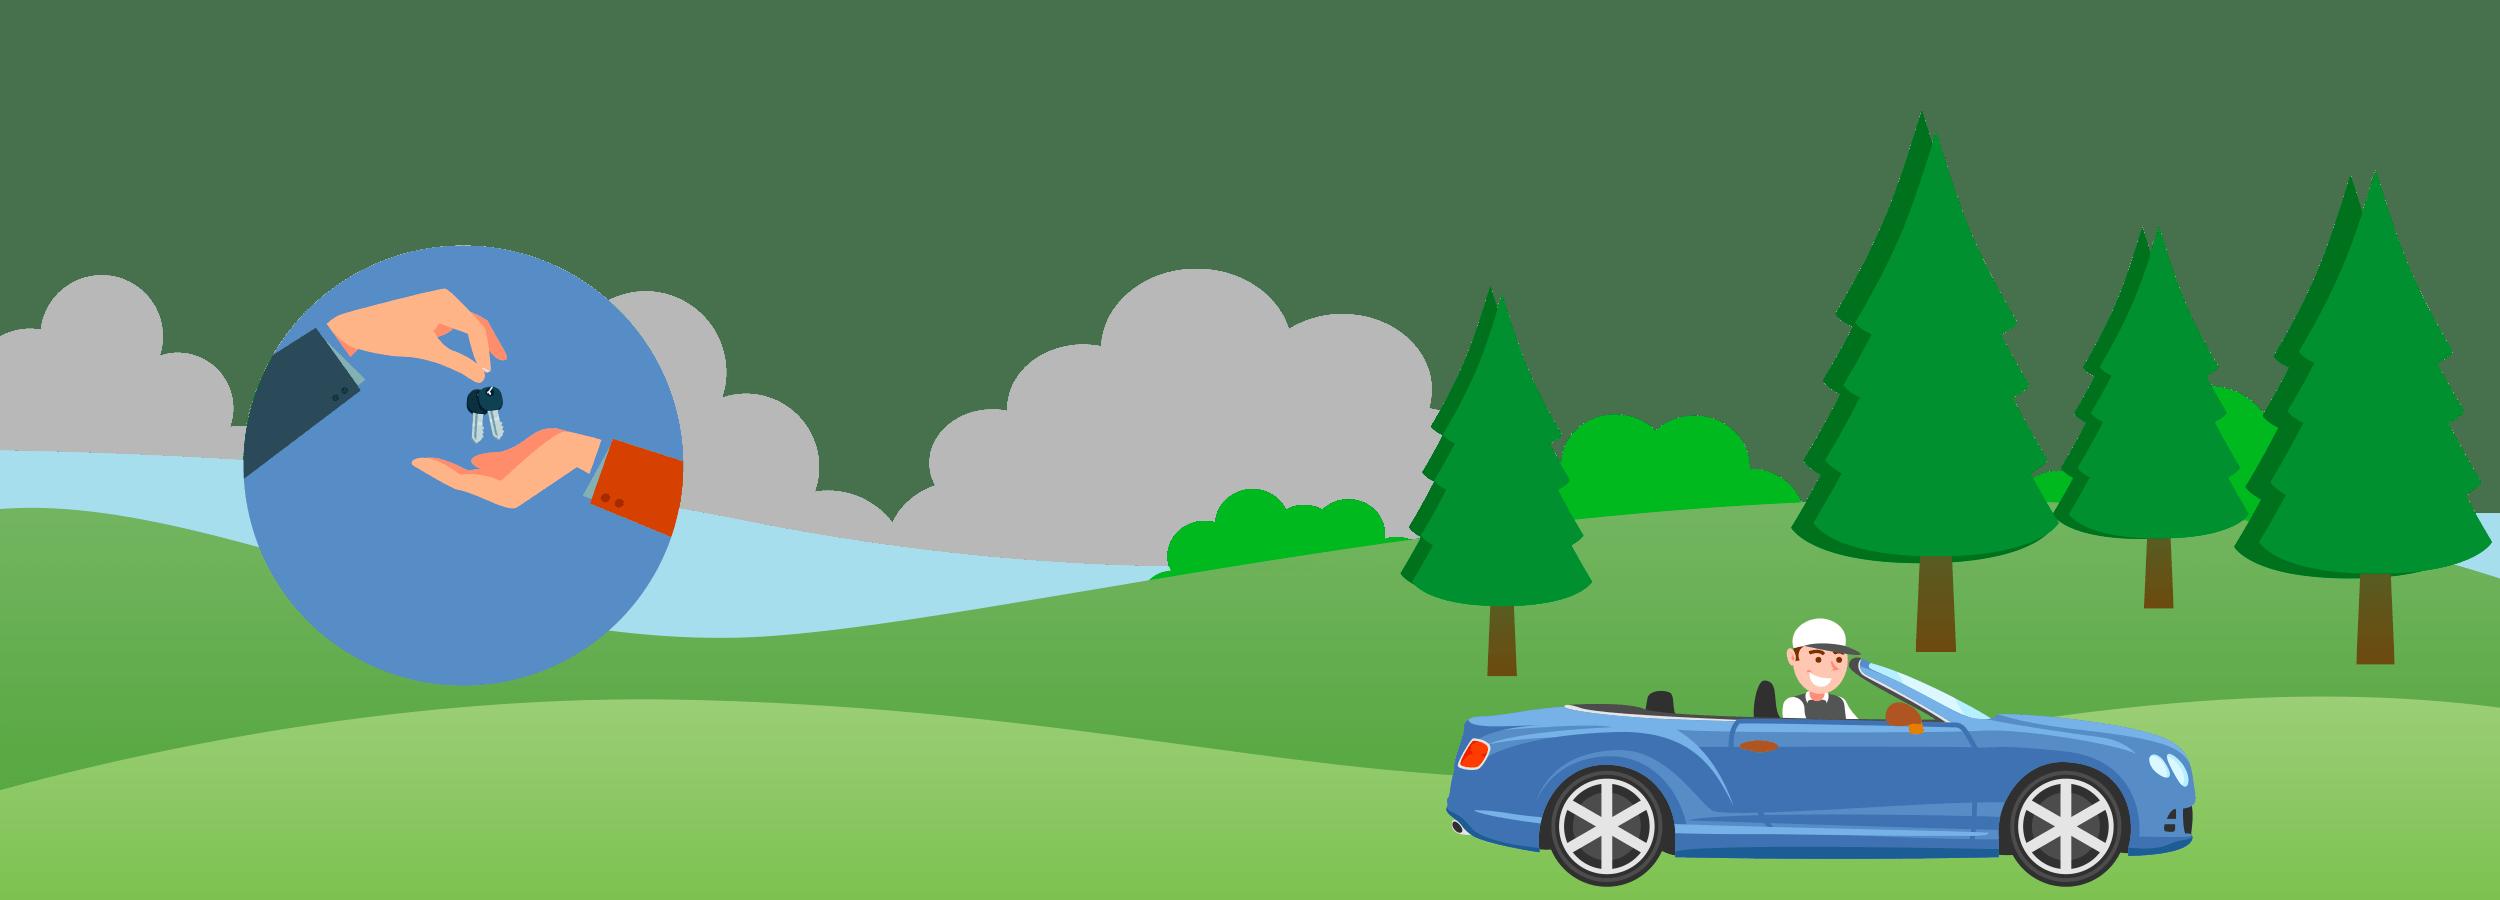 Jugador en un torneo de golf con premio al Hole-in-One manejando en el coche que ganó